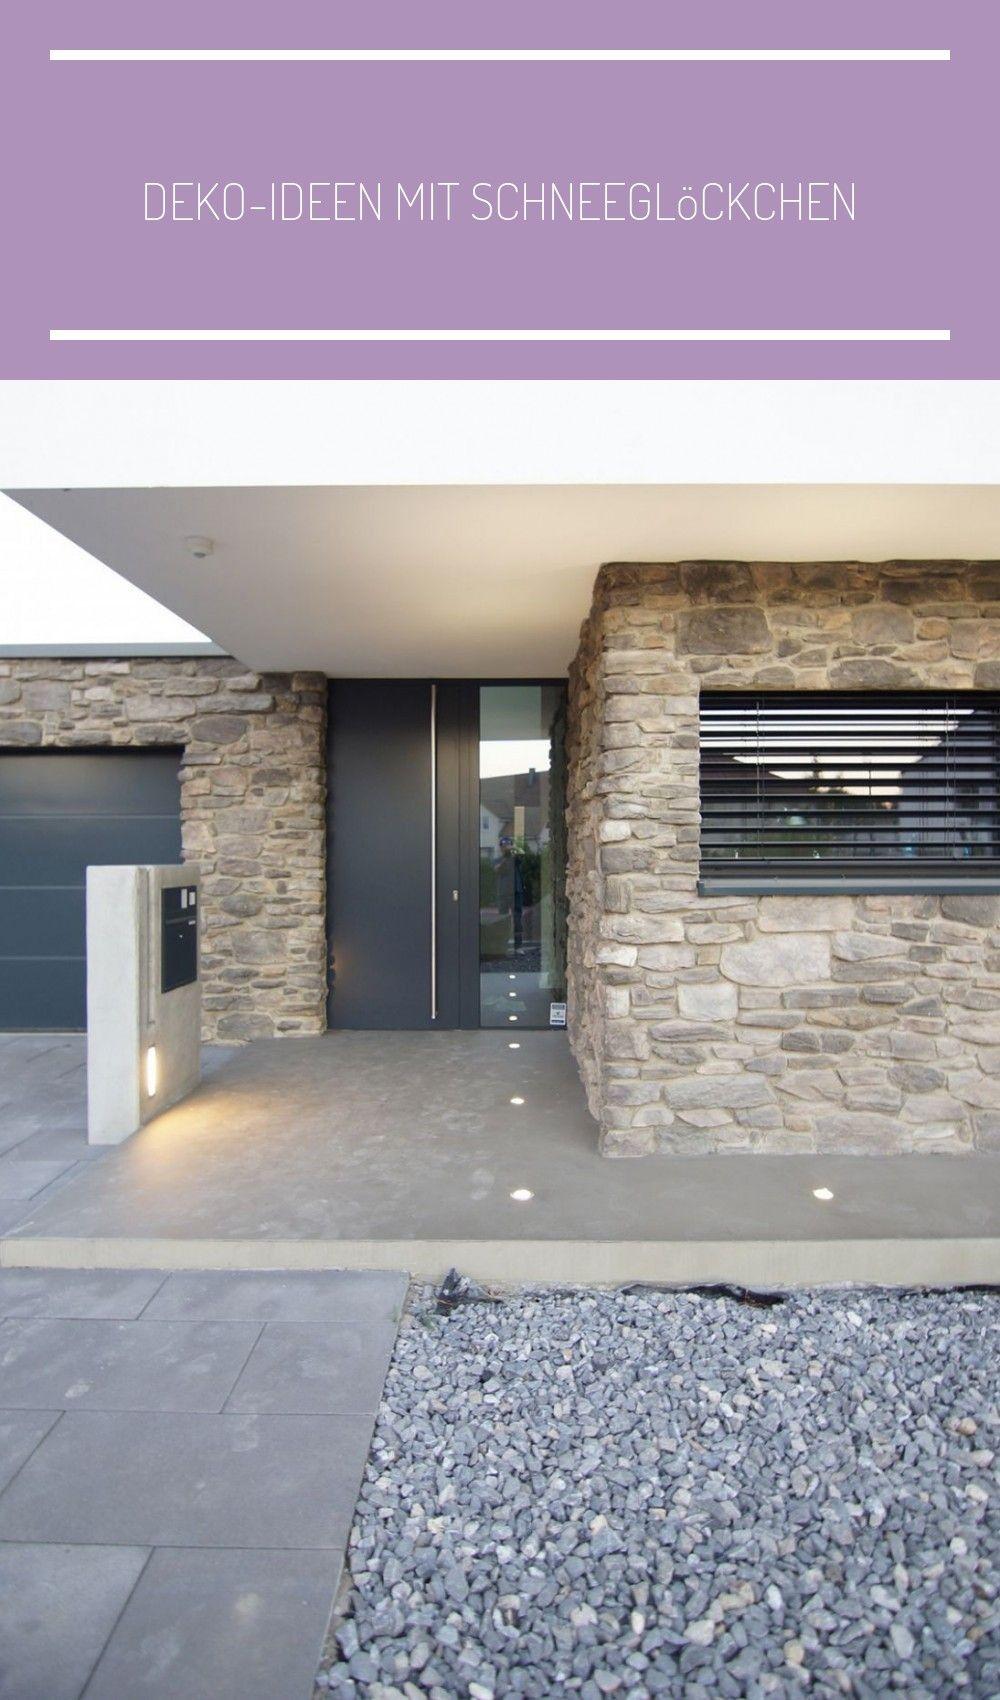 Deko Ideen Mit Schneeglockchen In 2020 House Exterior House